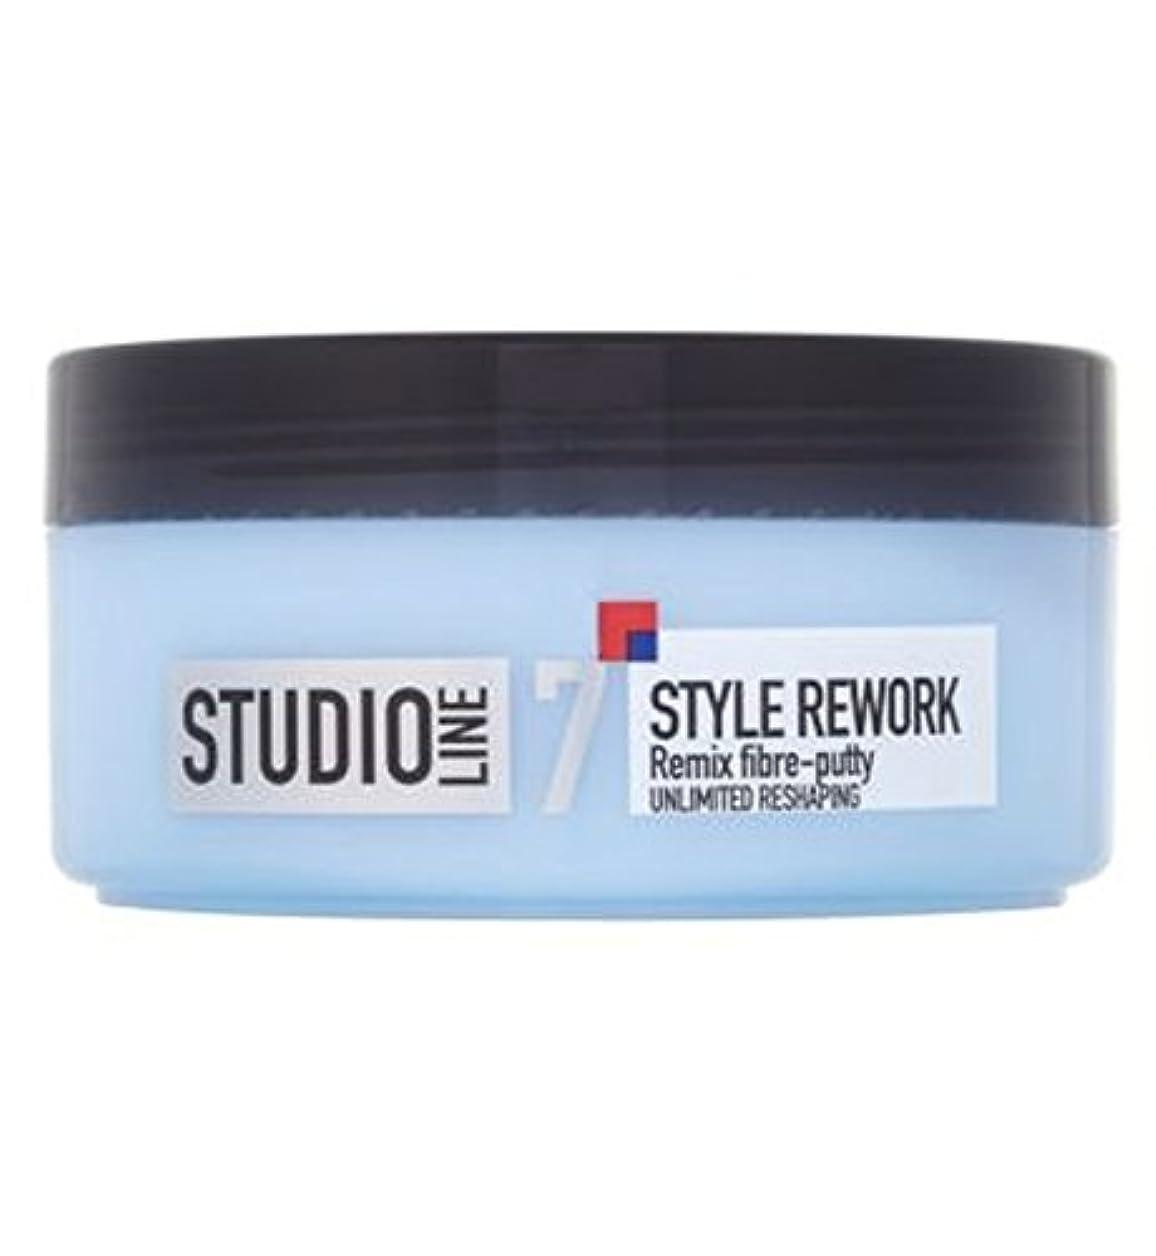 送った協会震えL'Oreall Studio Line Style Rework Remix Fibre-Putty 150ml - L'Oreallスタジオラインスタイルリワークリミックス繊維パテ150ミリリットル (L'Oreal...